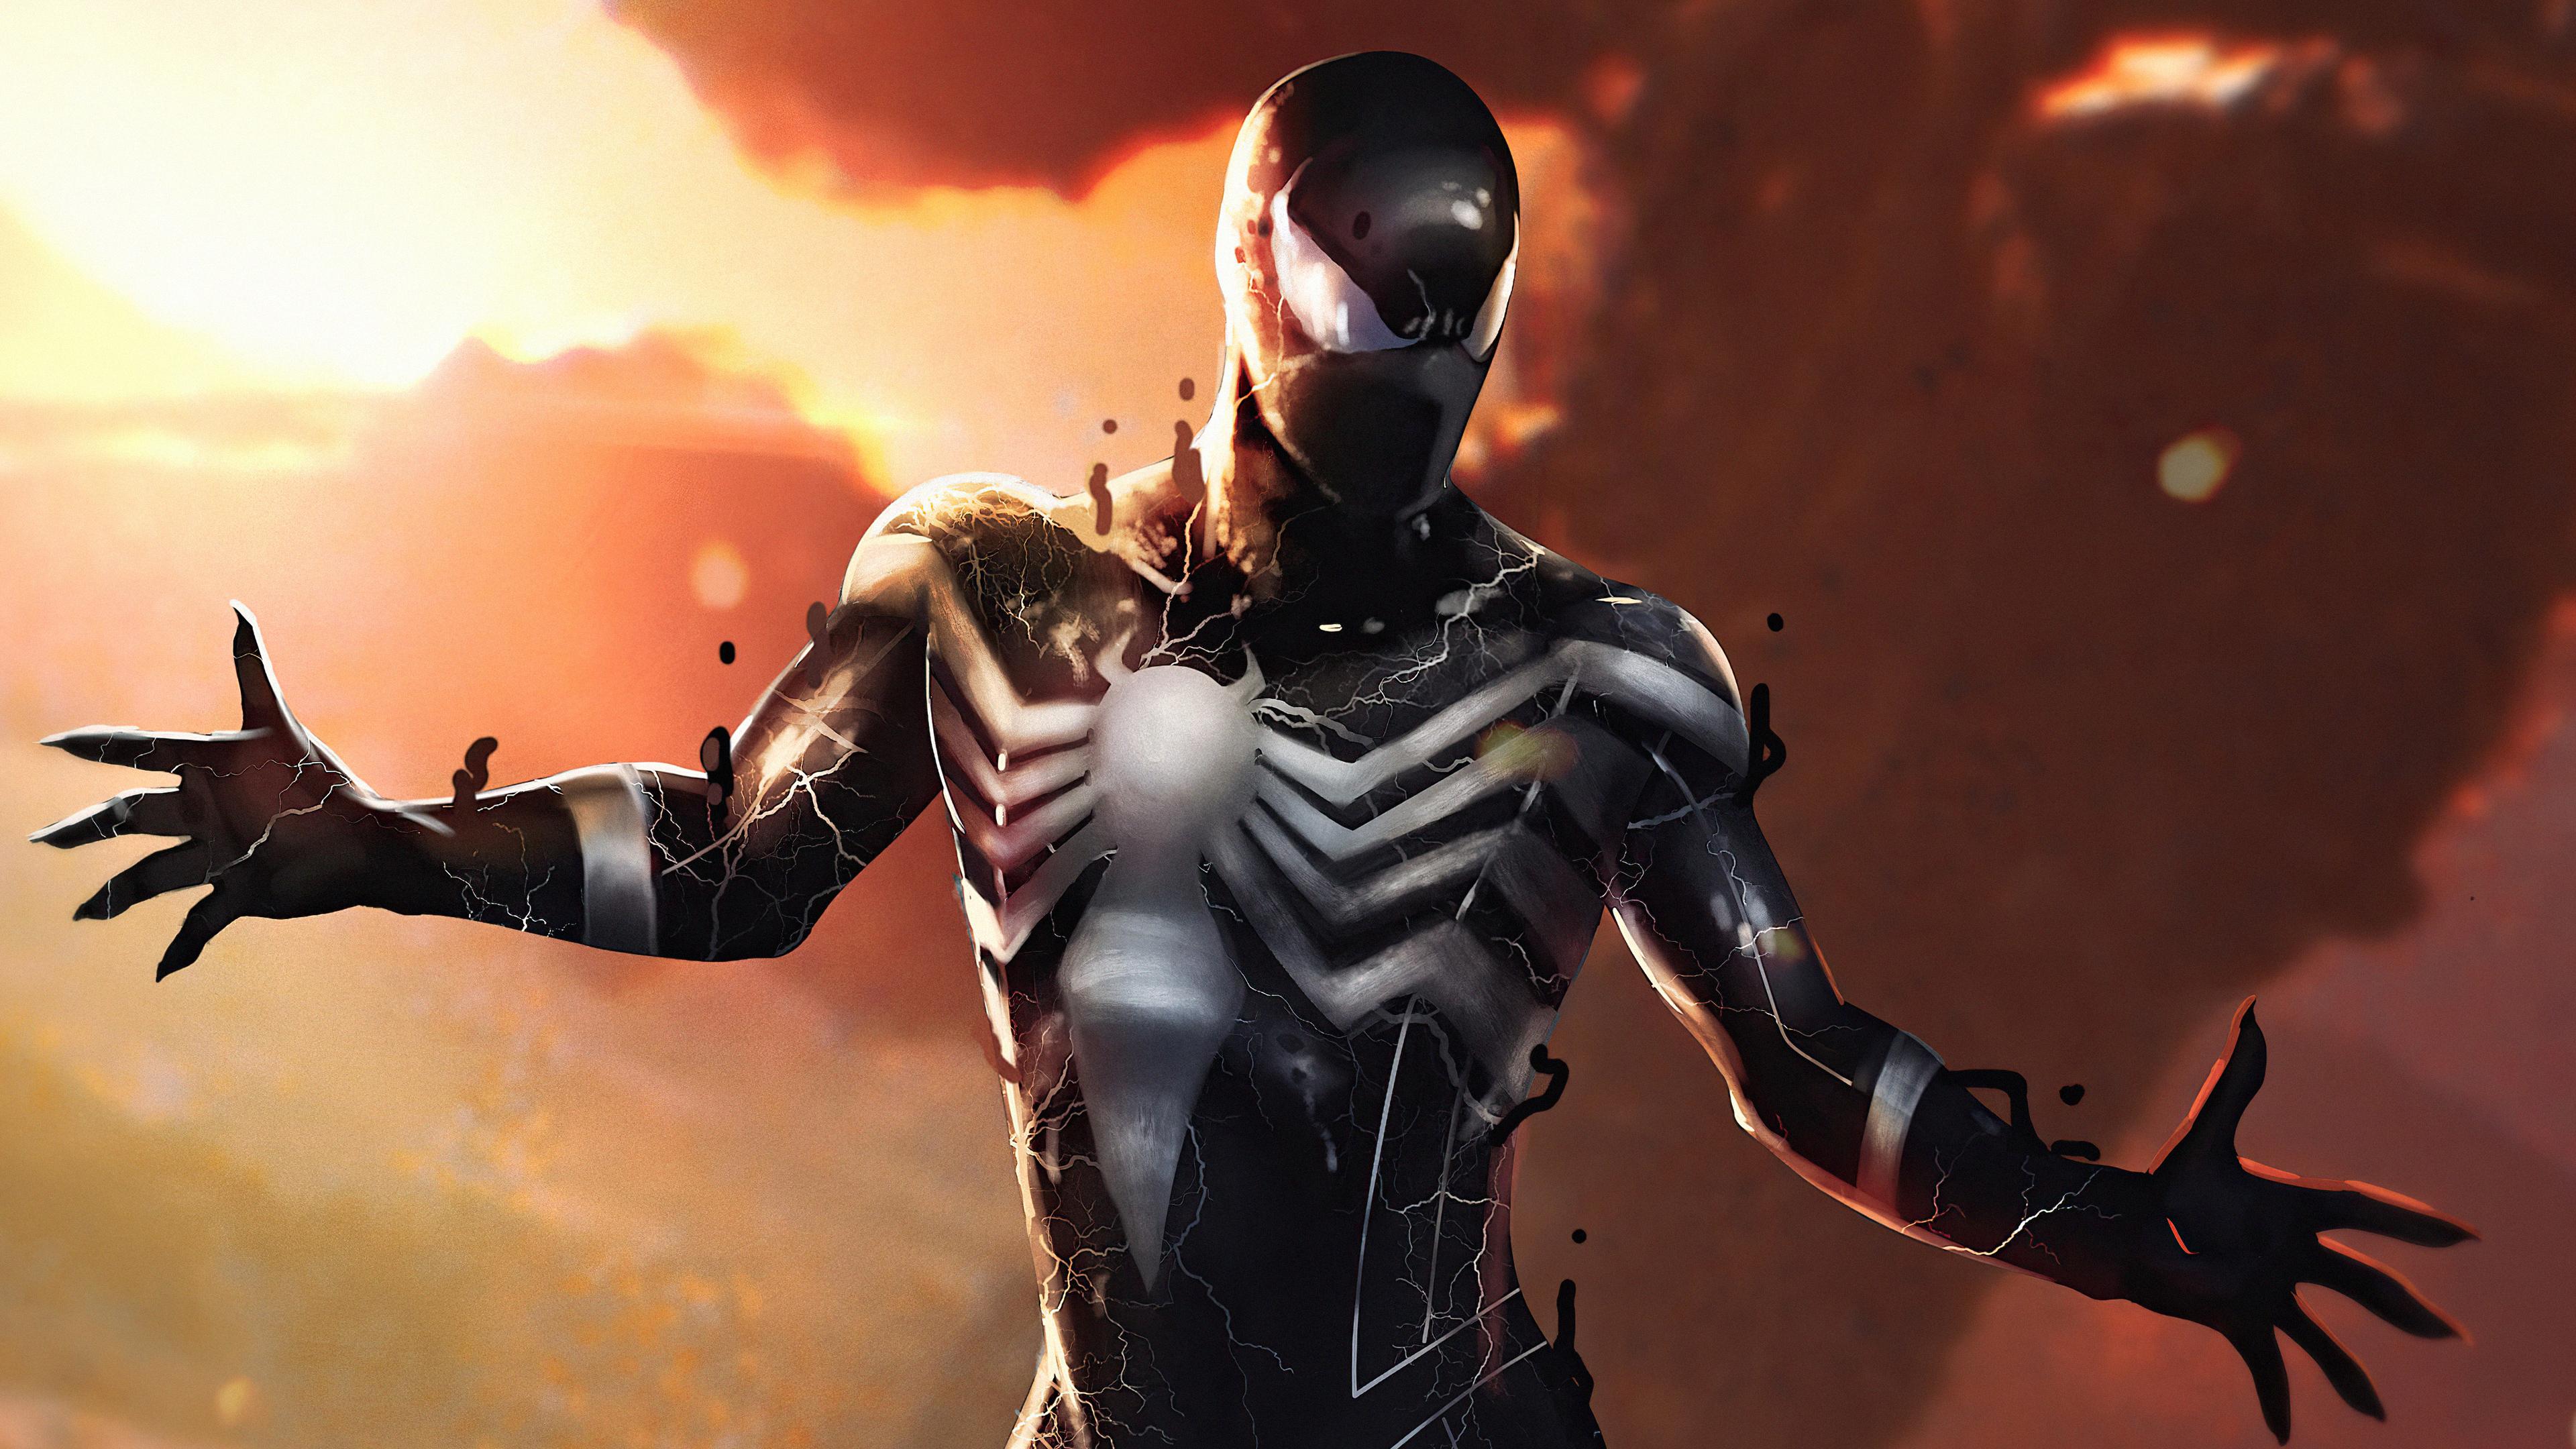 mcu symbiote spiderman 4k 1616962109 - Mcu Symbiote Spiderman 4k - Mcu Symbiote Spiderman 4k wallpapers